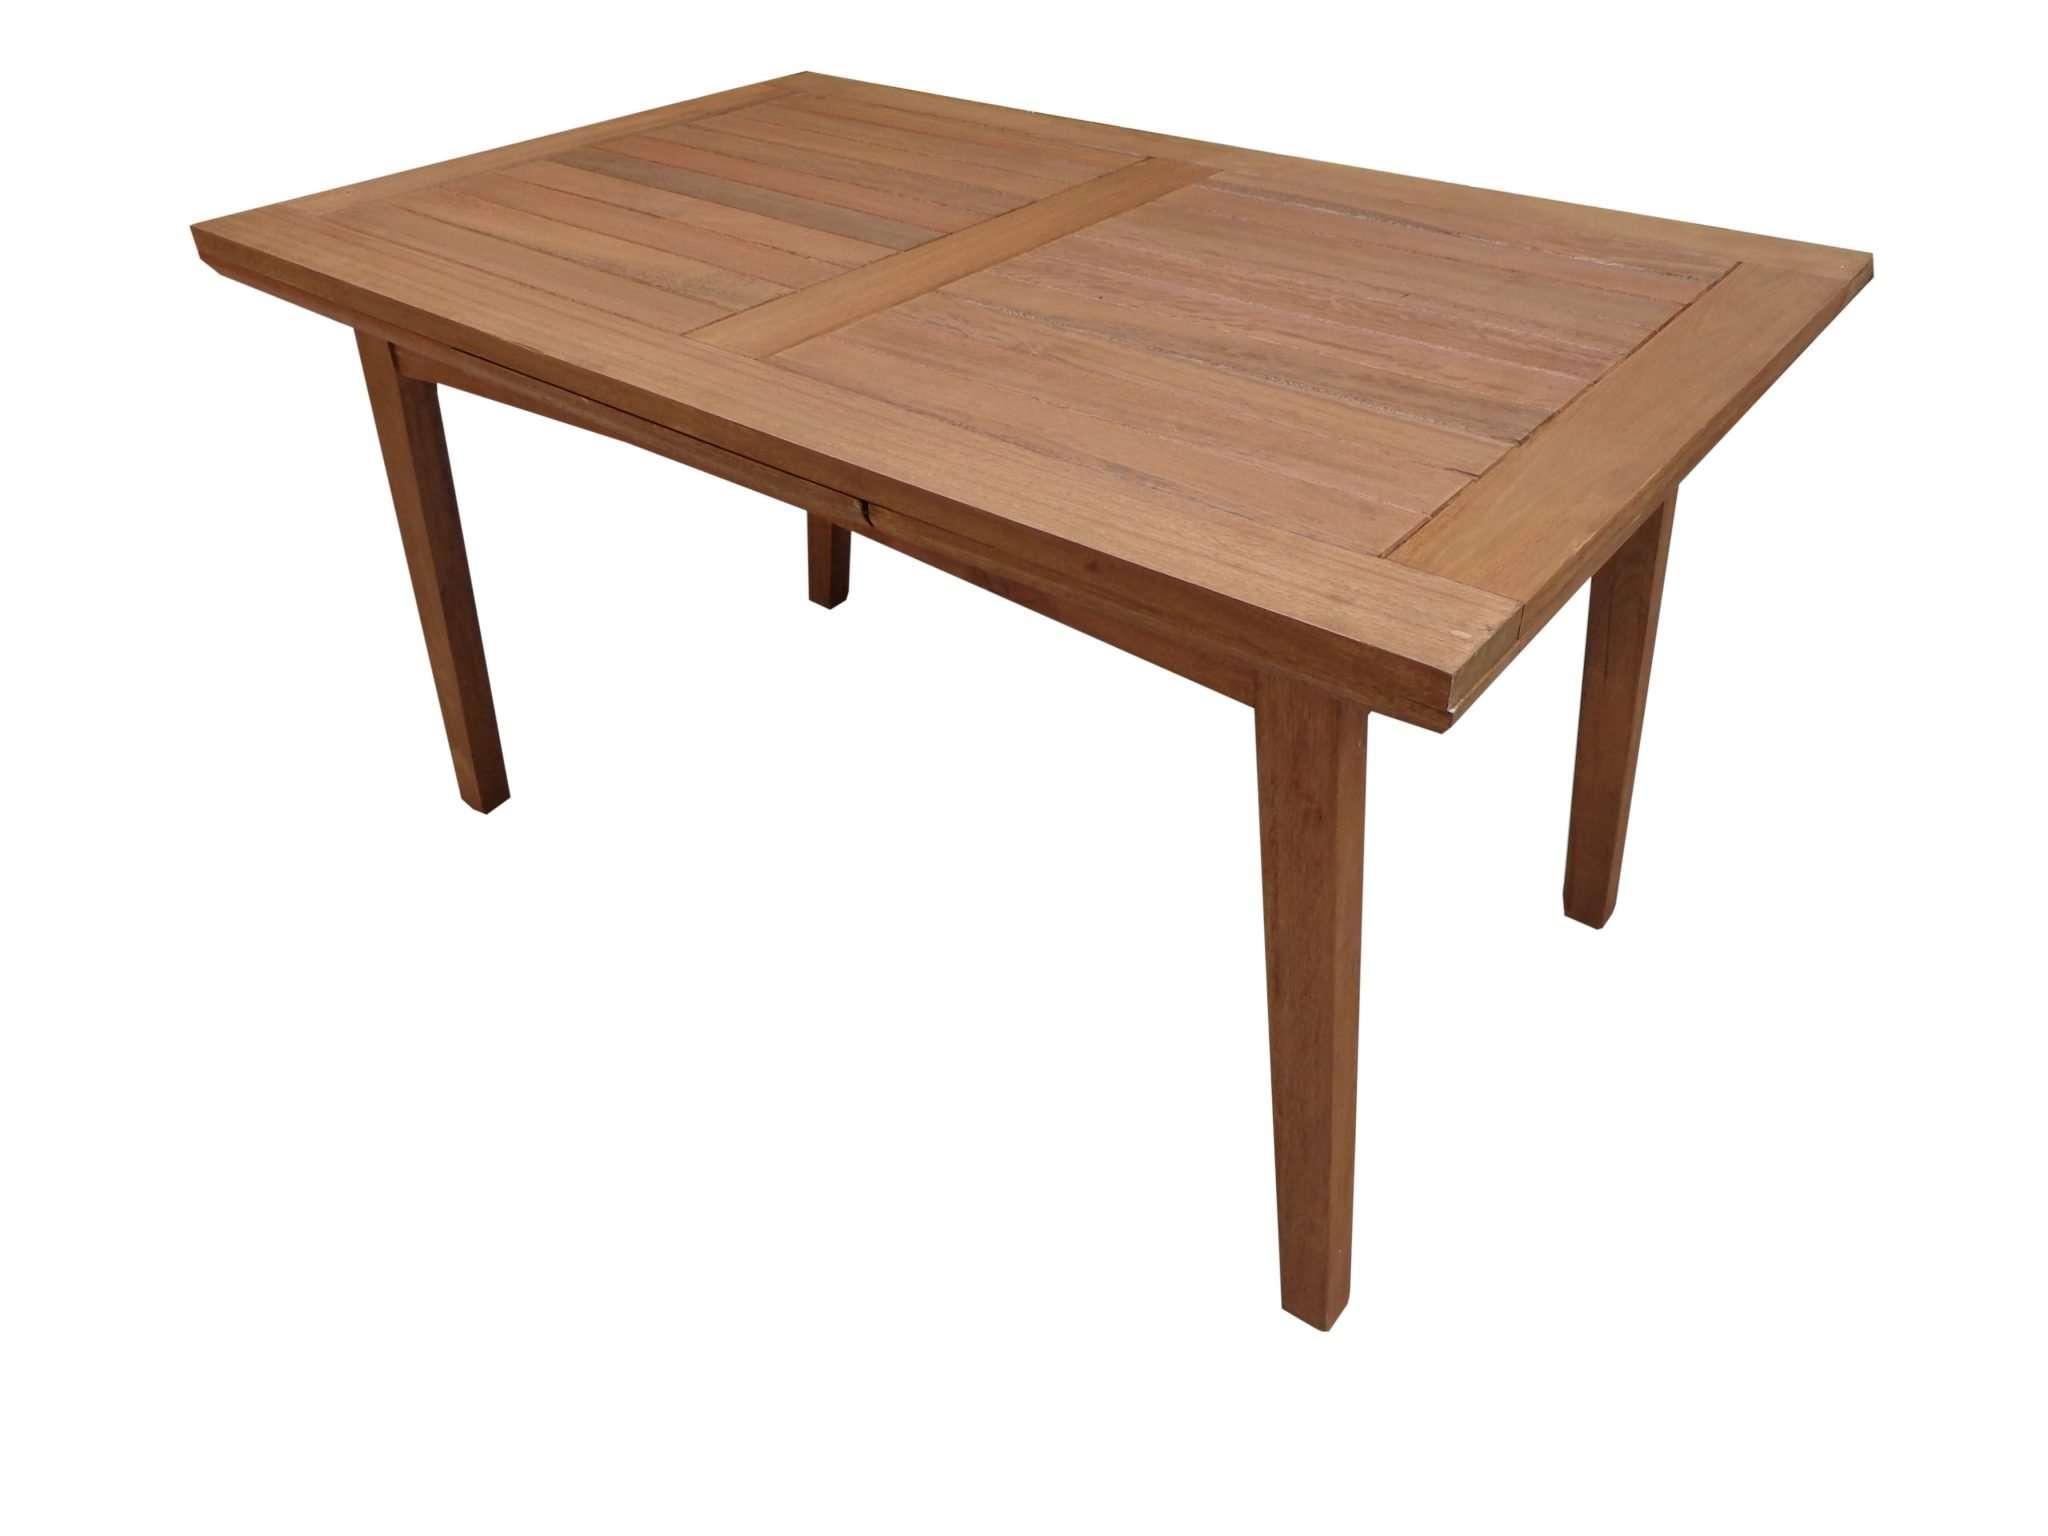 Mesa Extensible Fabrica De Muebles Forestry Muebles De Exterior # Muebles Cultivados